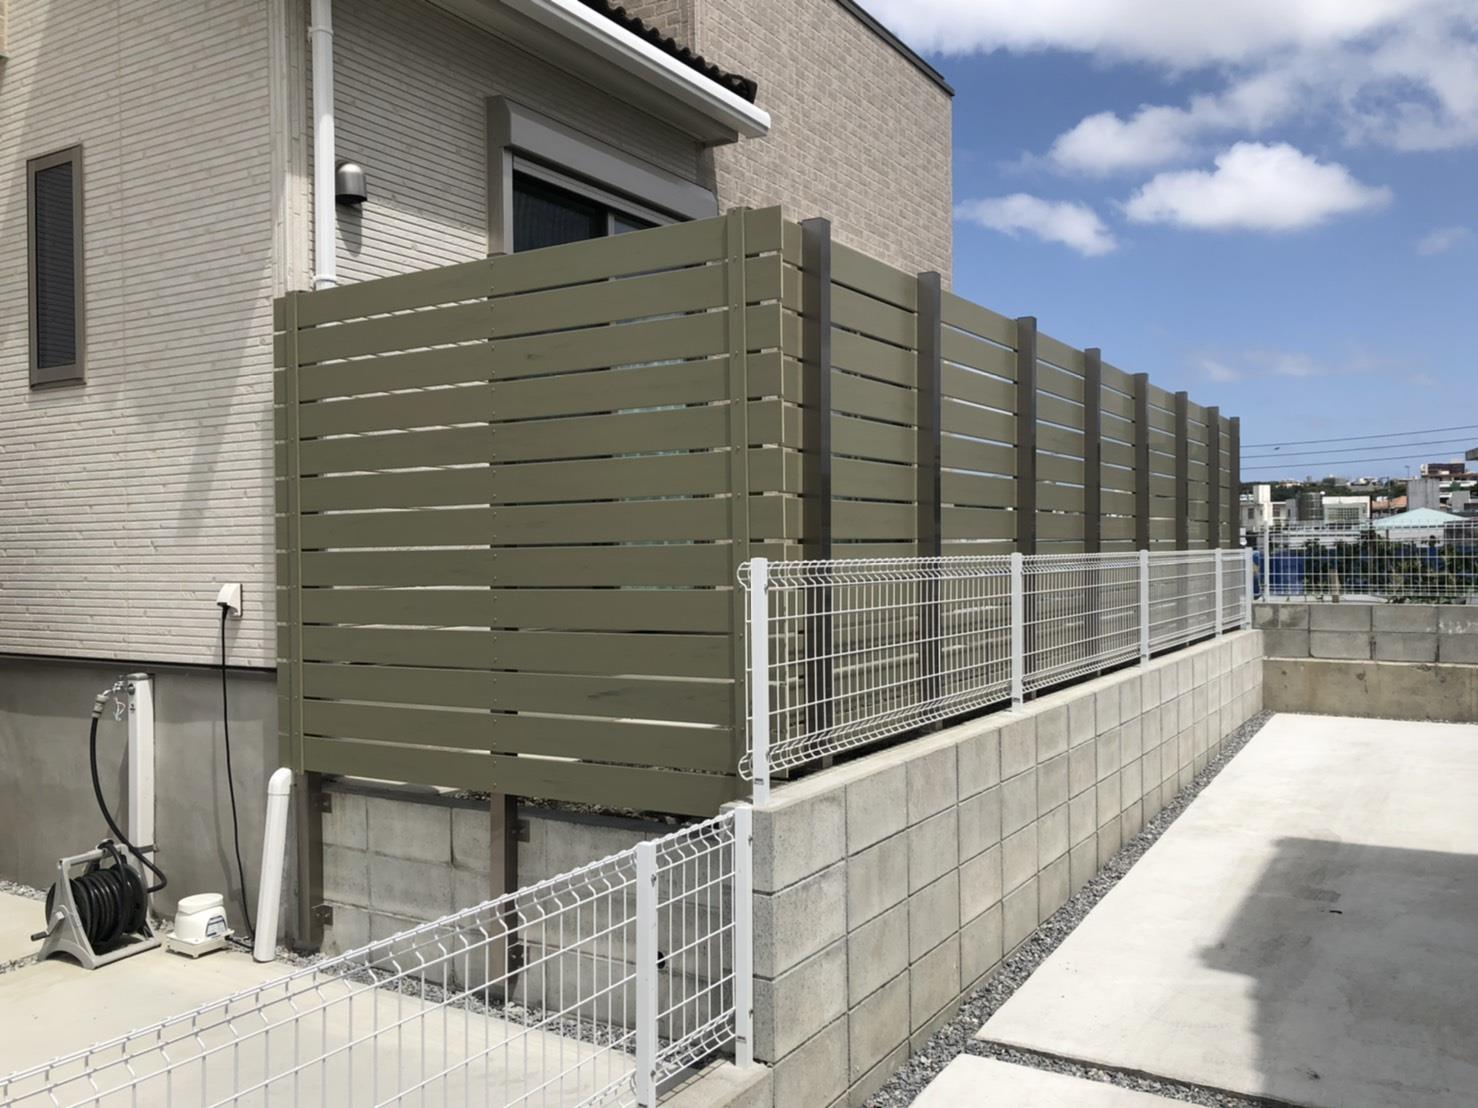 目隠しフェンス設置(リフォーム施工事例)を公開しました。 | 沖縄や那覇でリフォームするなら【株式会社 あうん工房】